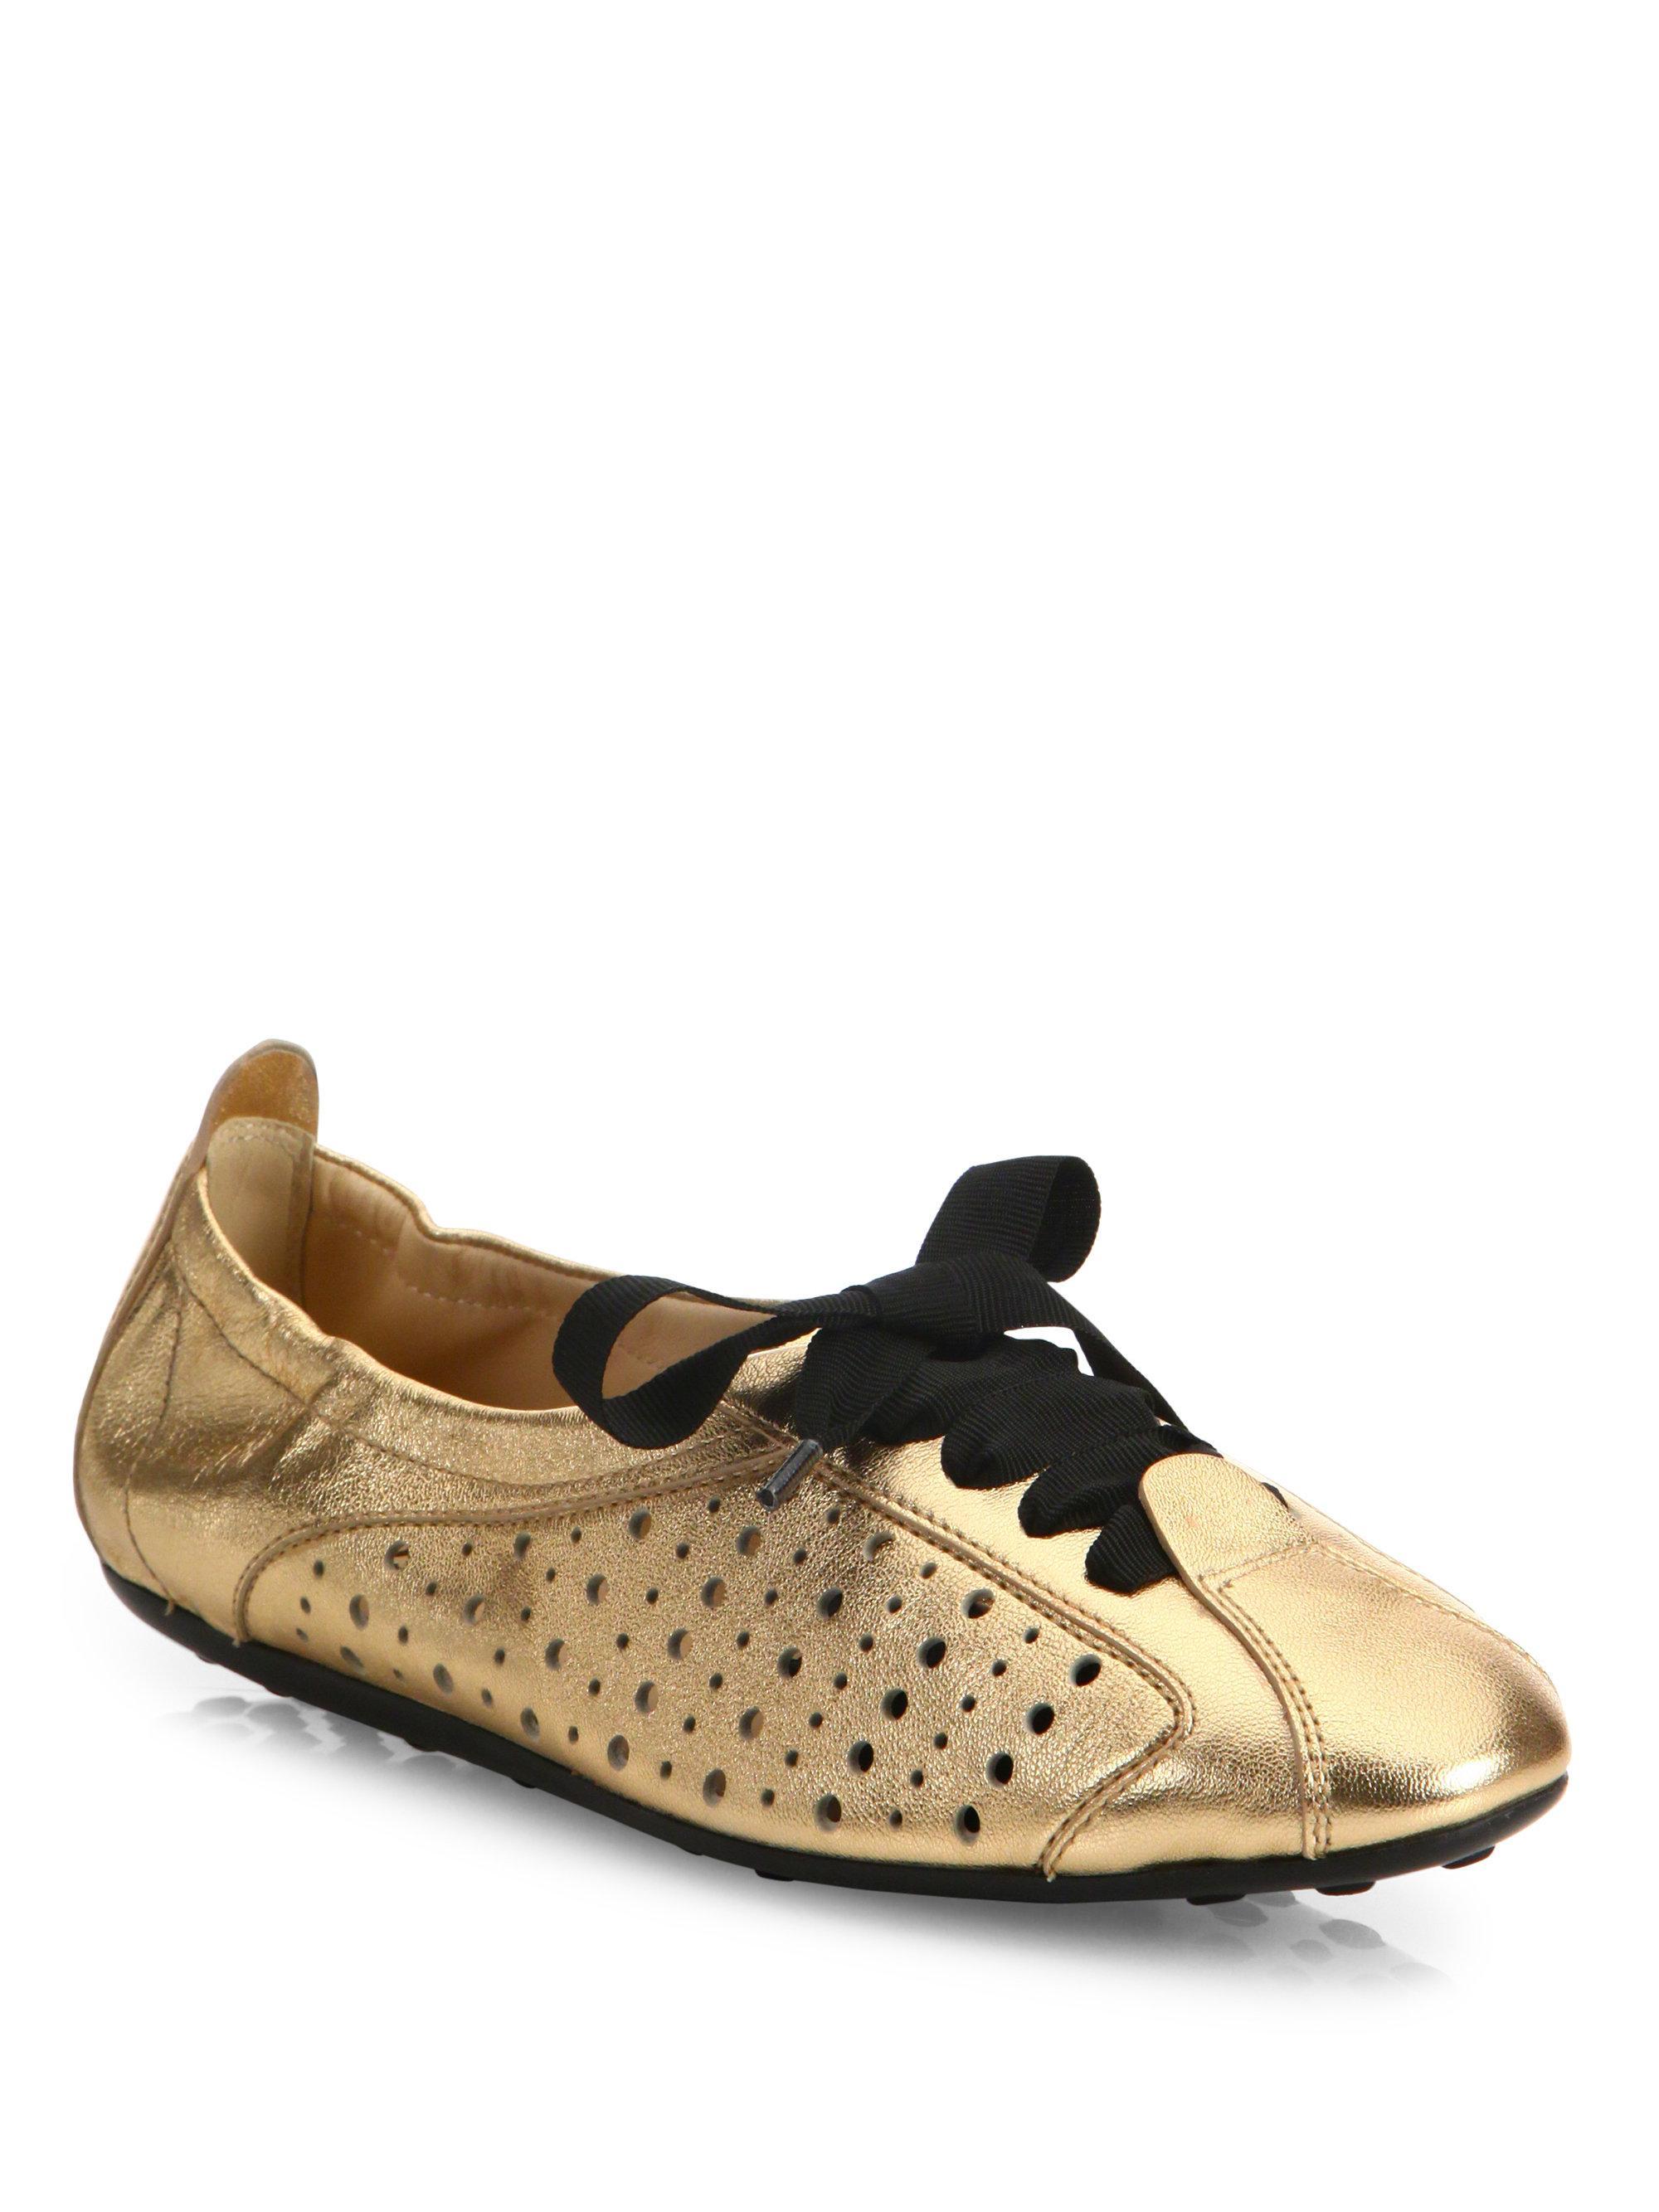 Tod's Metallic Leather Ballet Sneakers 2sa5elYPtJ